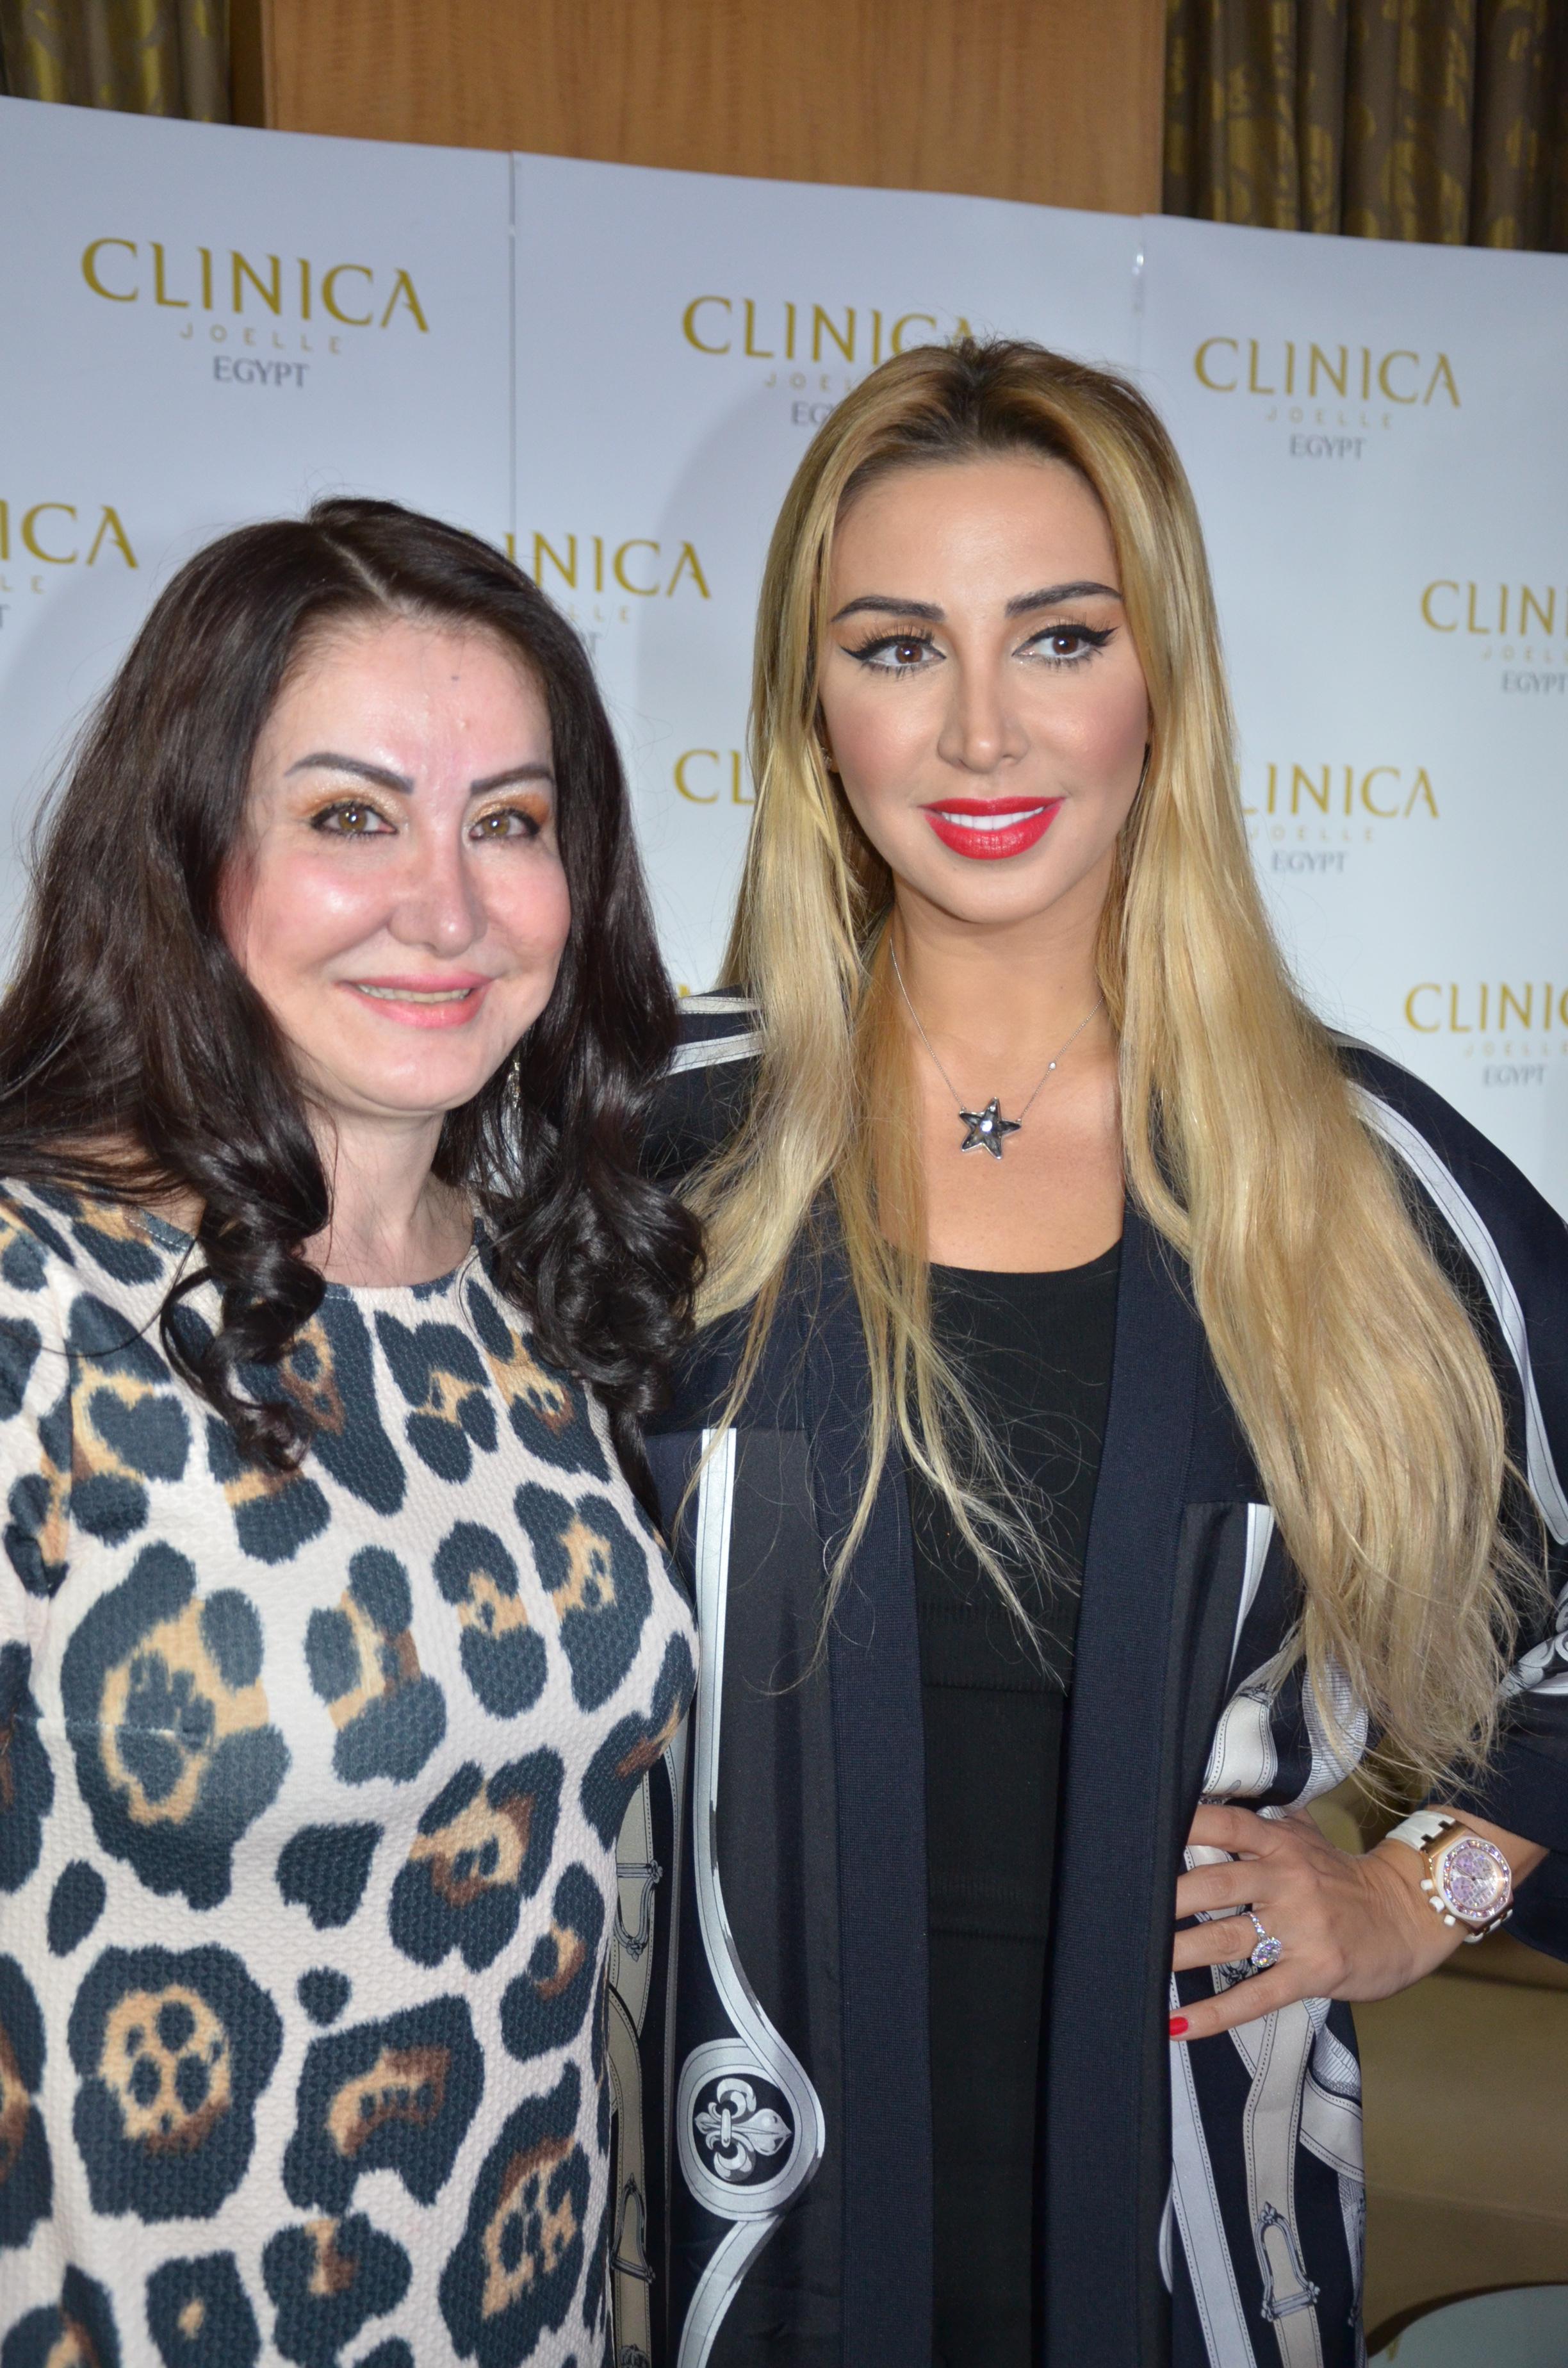 Wafaa Salem & Joelle Mardinian